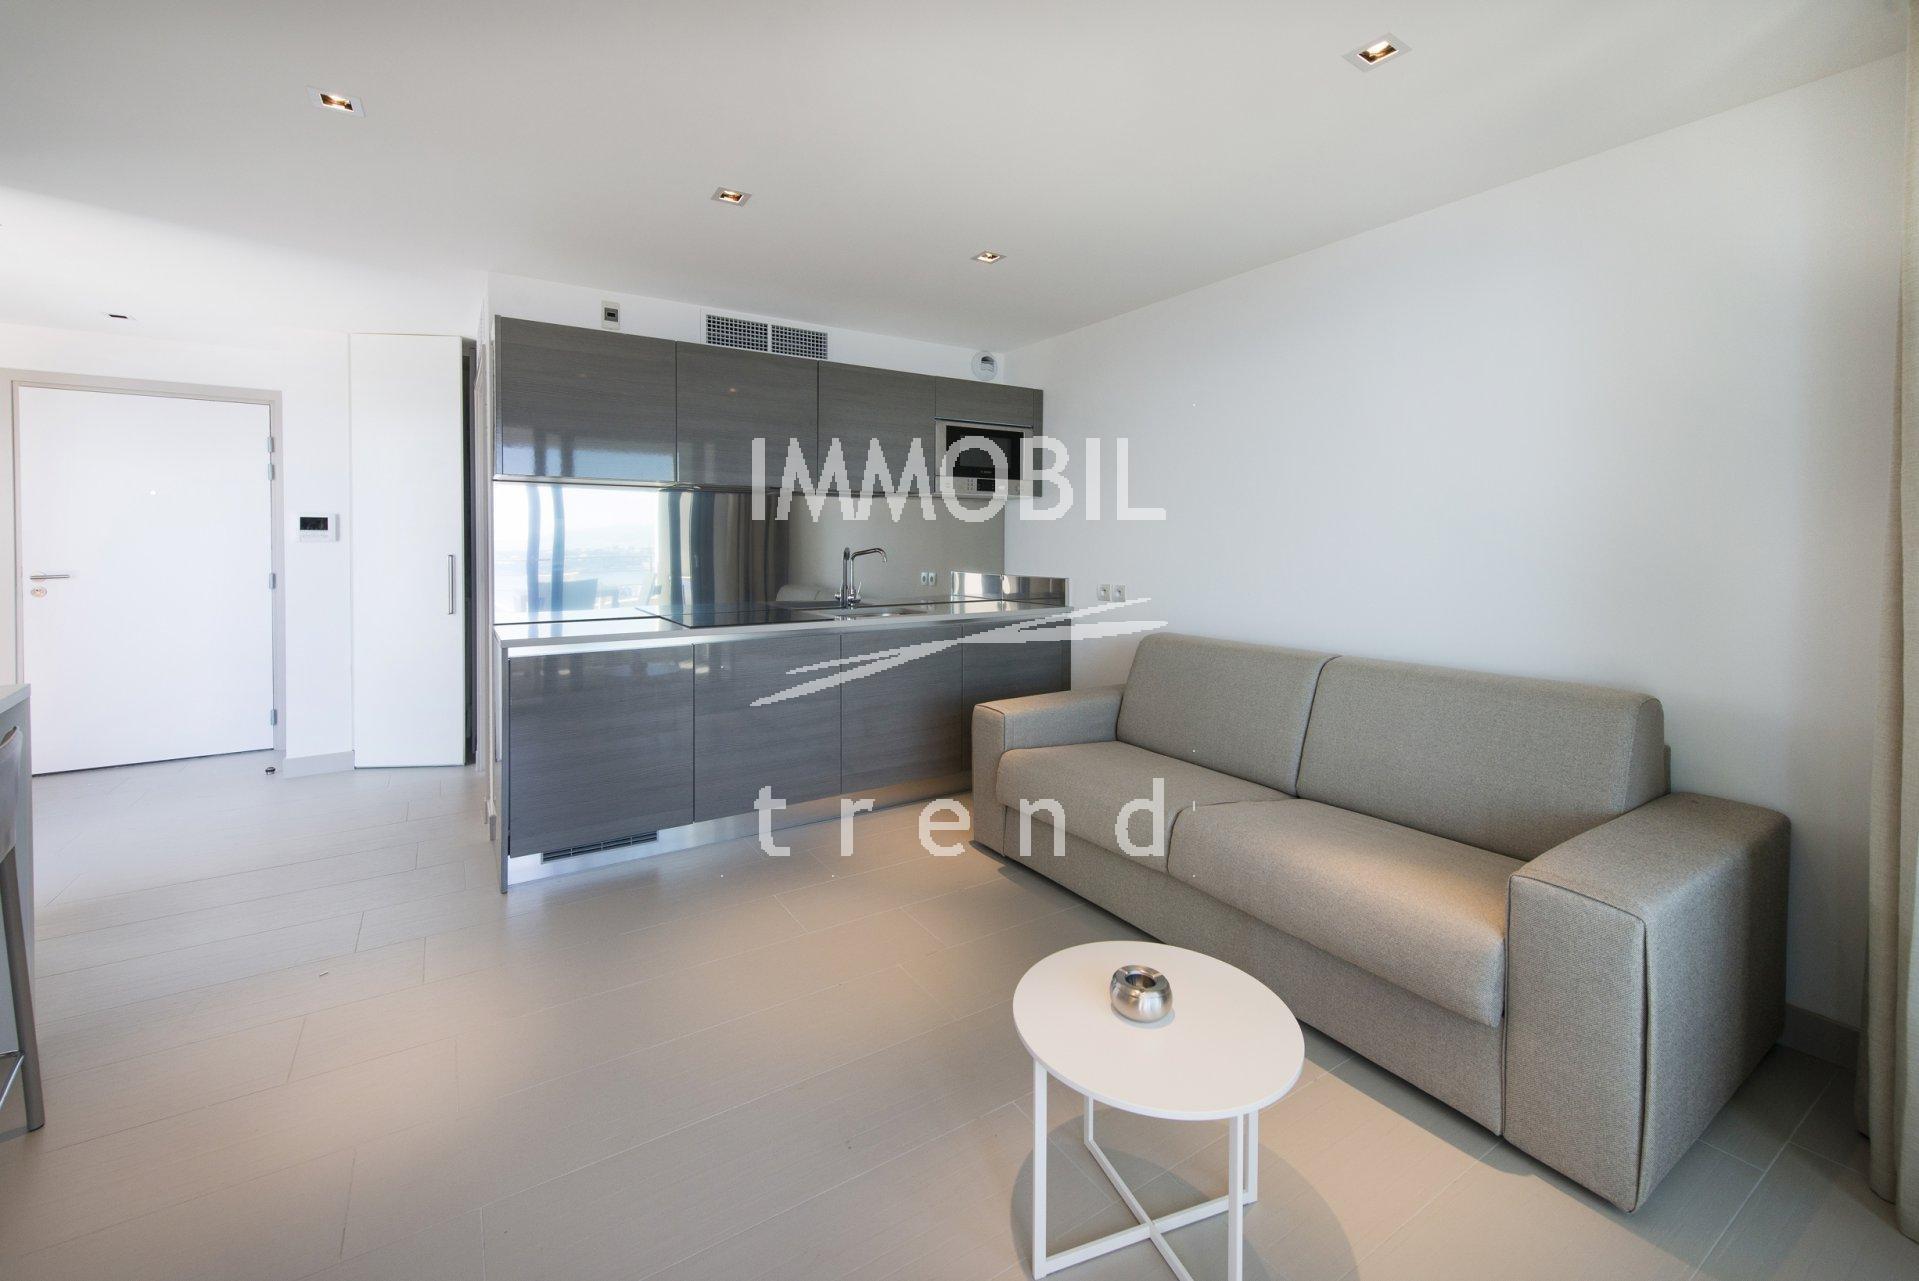 Immobiliare Beausoleil - Affitto, vicino a Monaco, monolocale con zona notte, vista mare e parcheggio